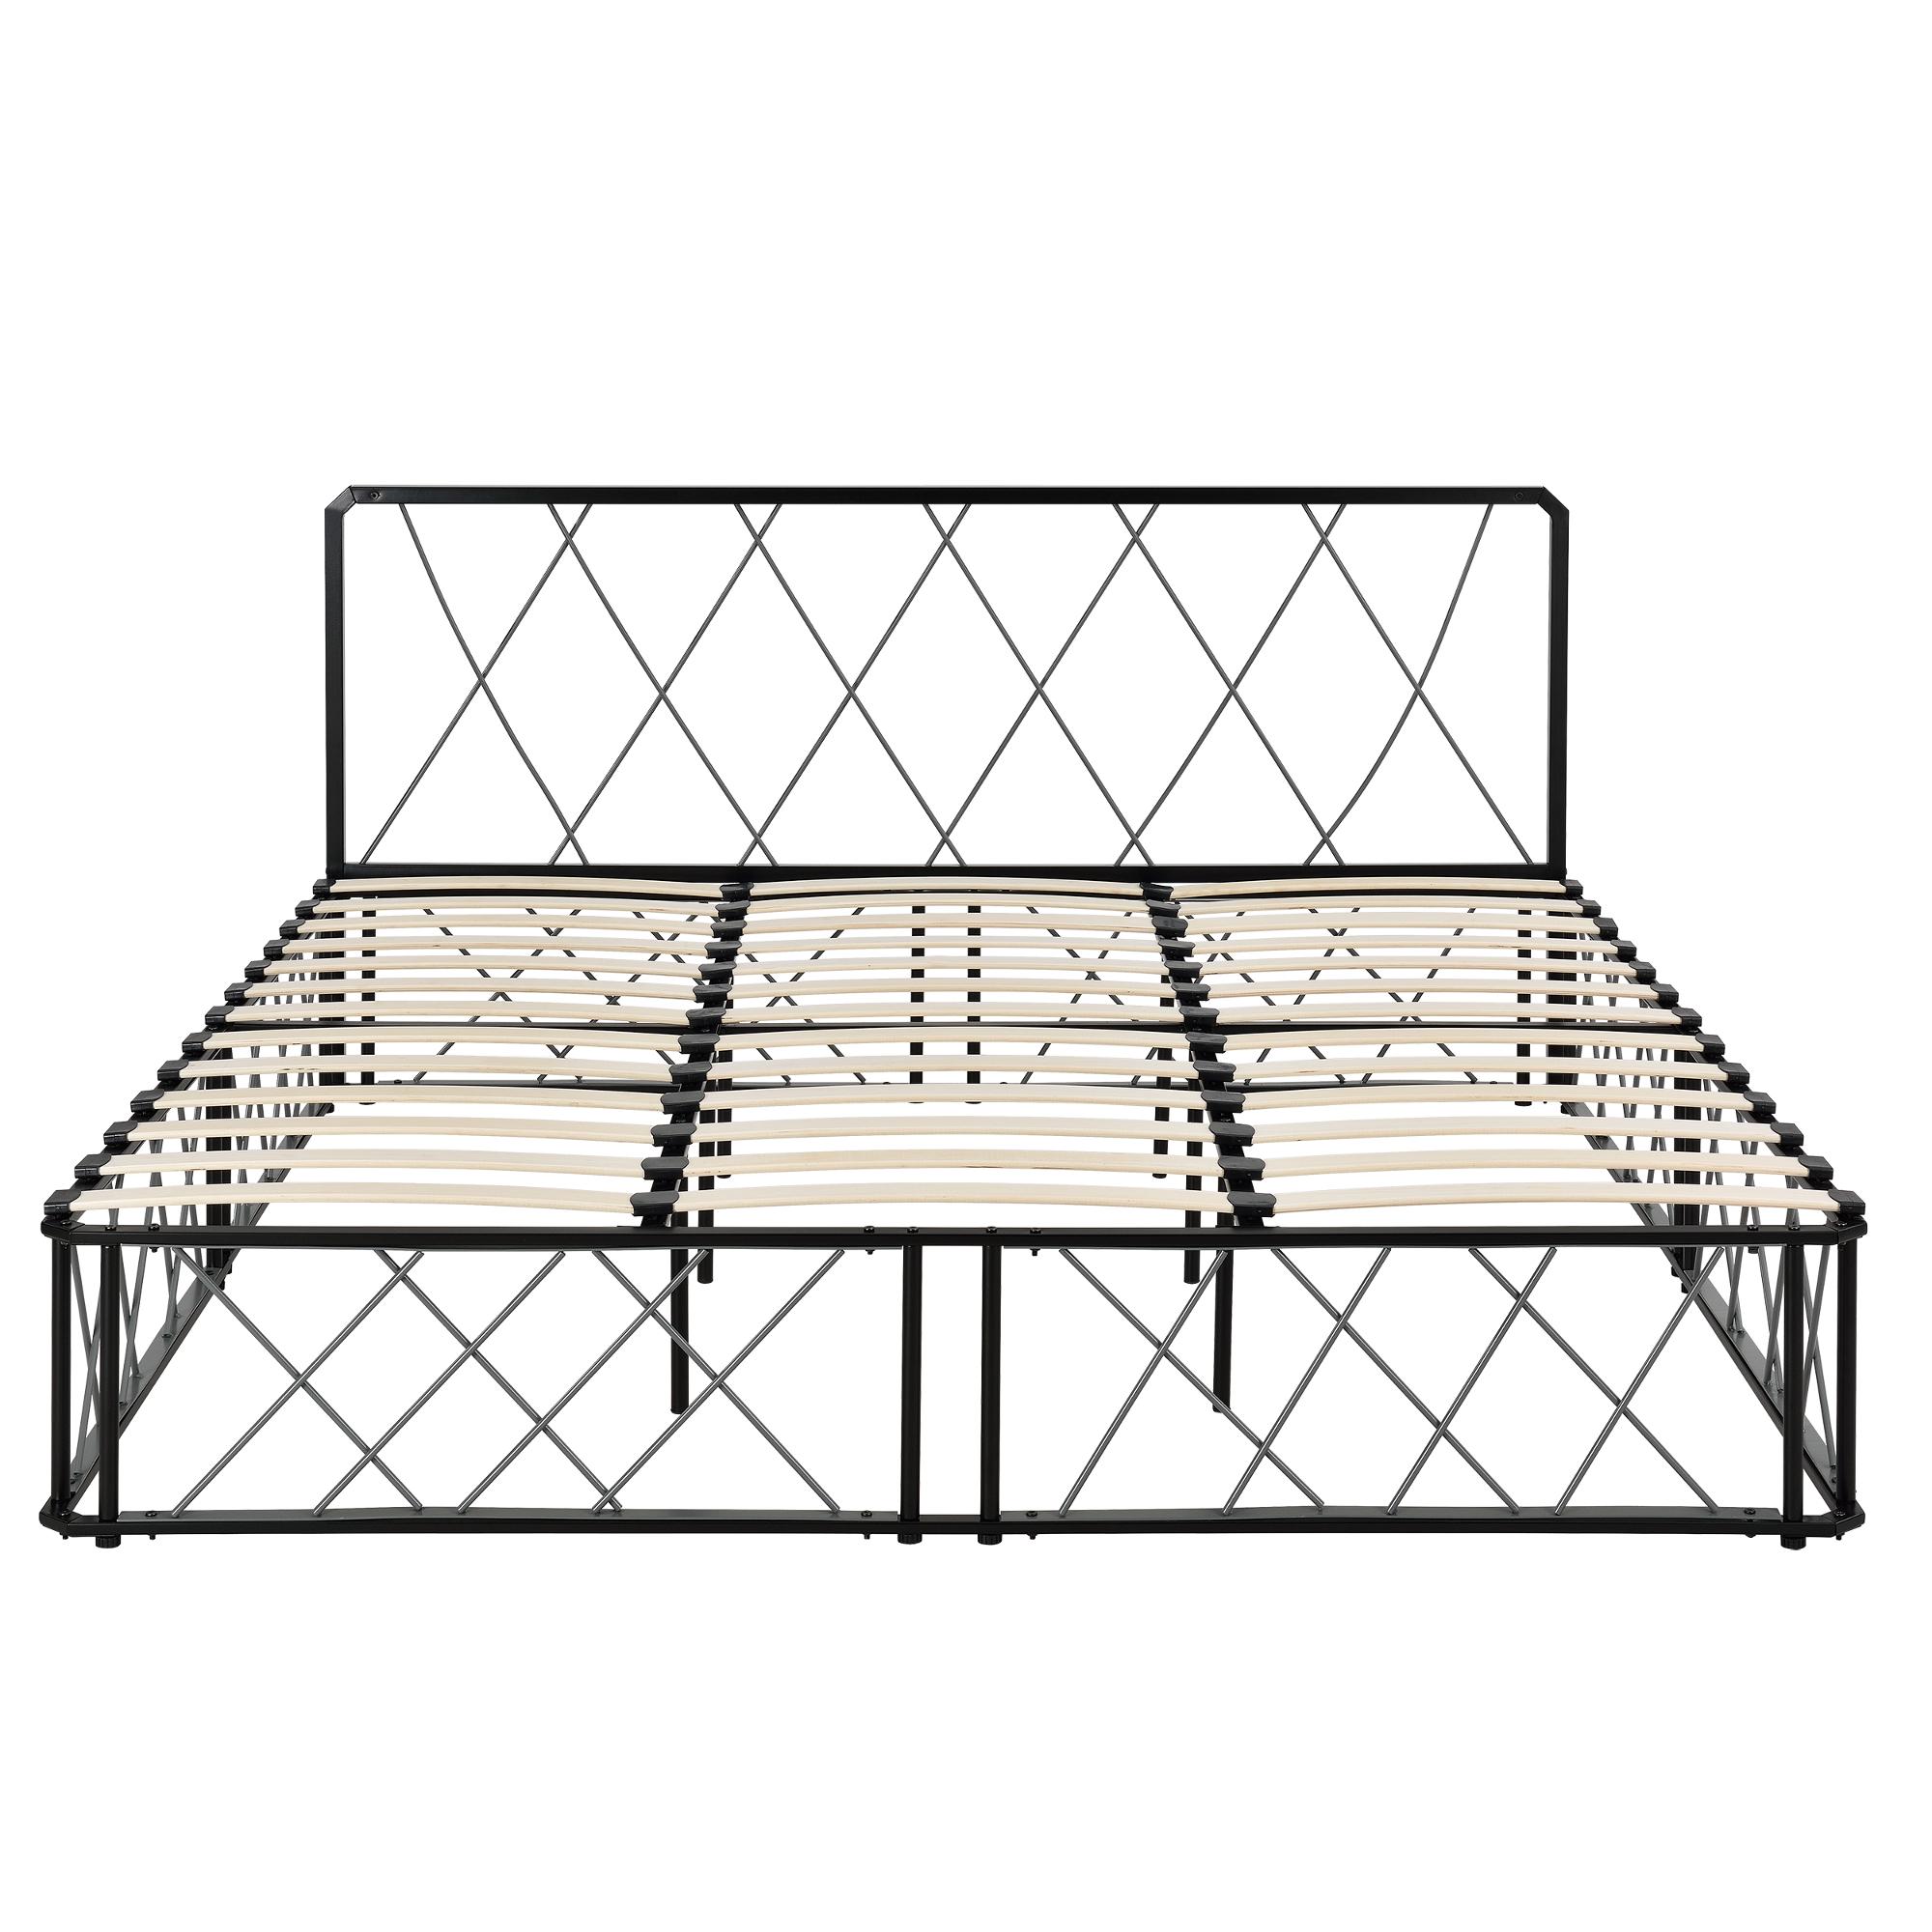 metallbett 180x200 schwarz grau mit matratze. Black Bedroom Furniture Sets. Home Design Ideas